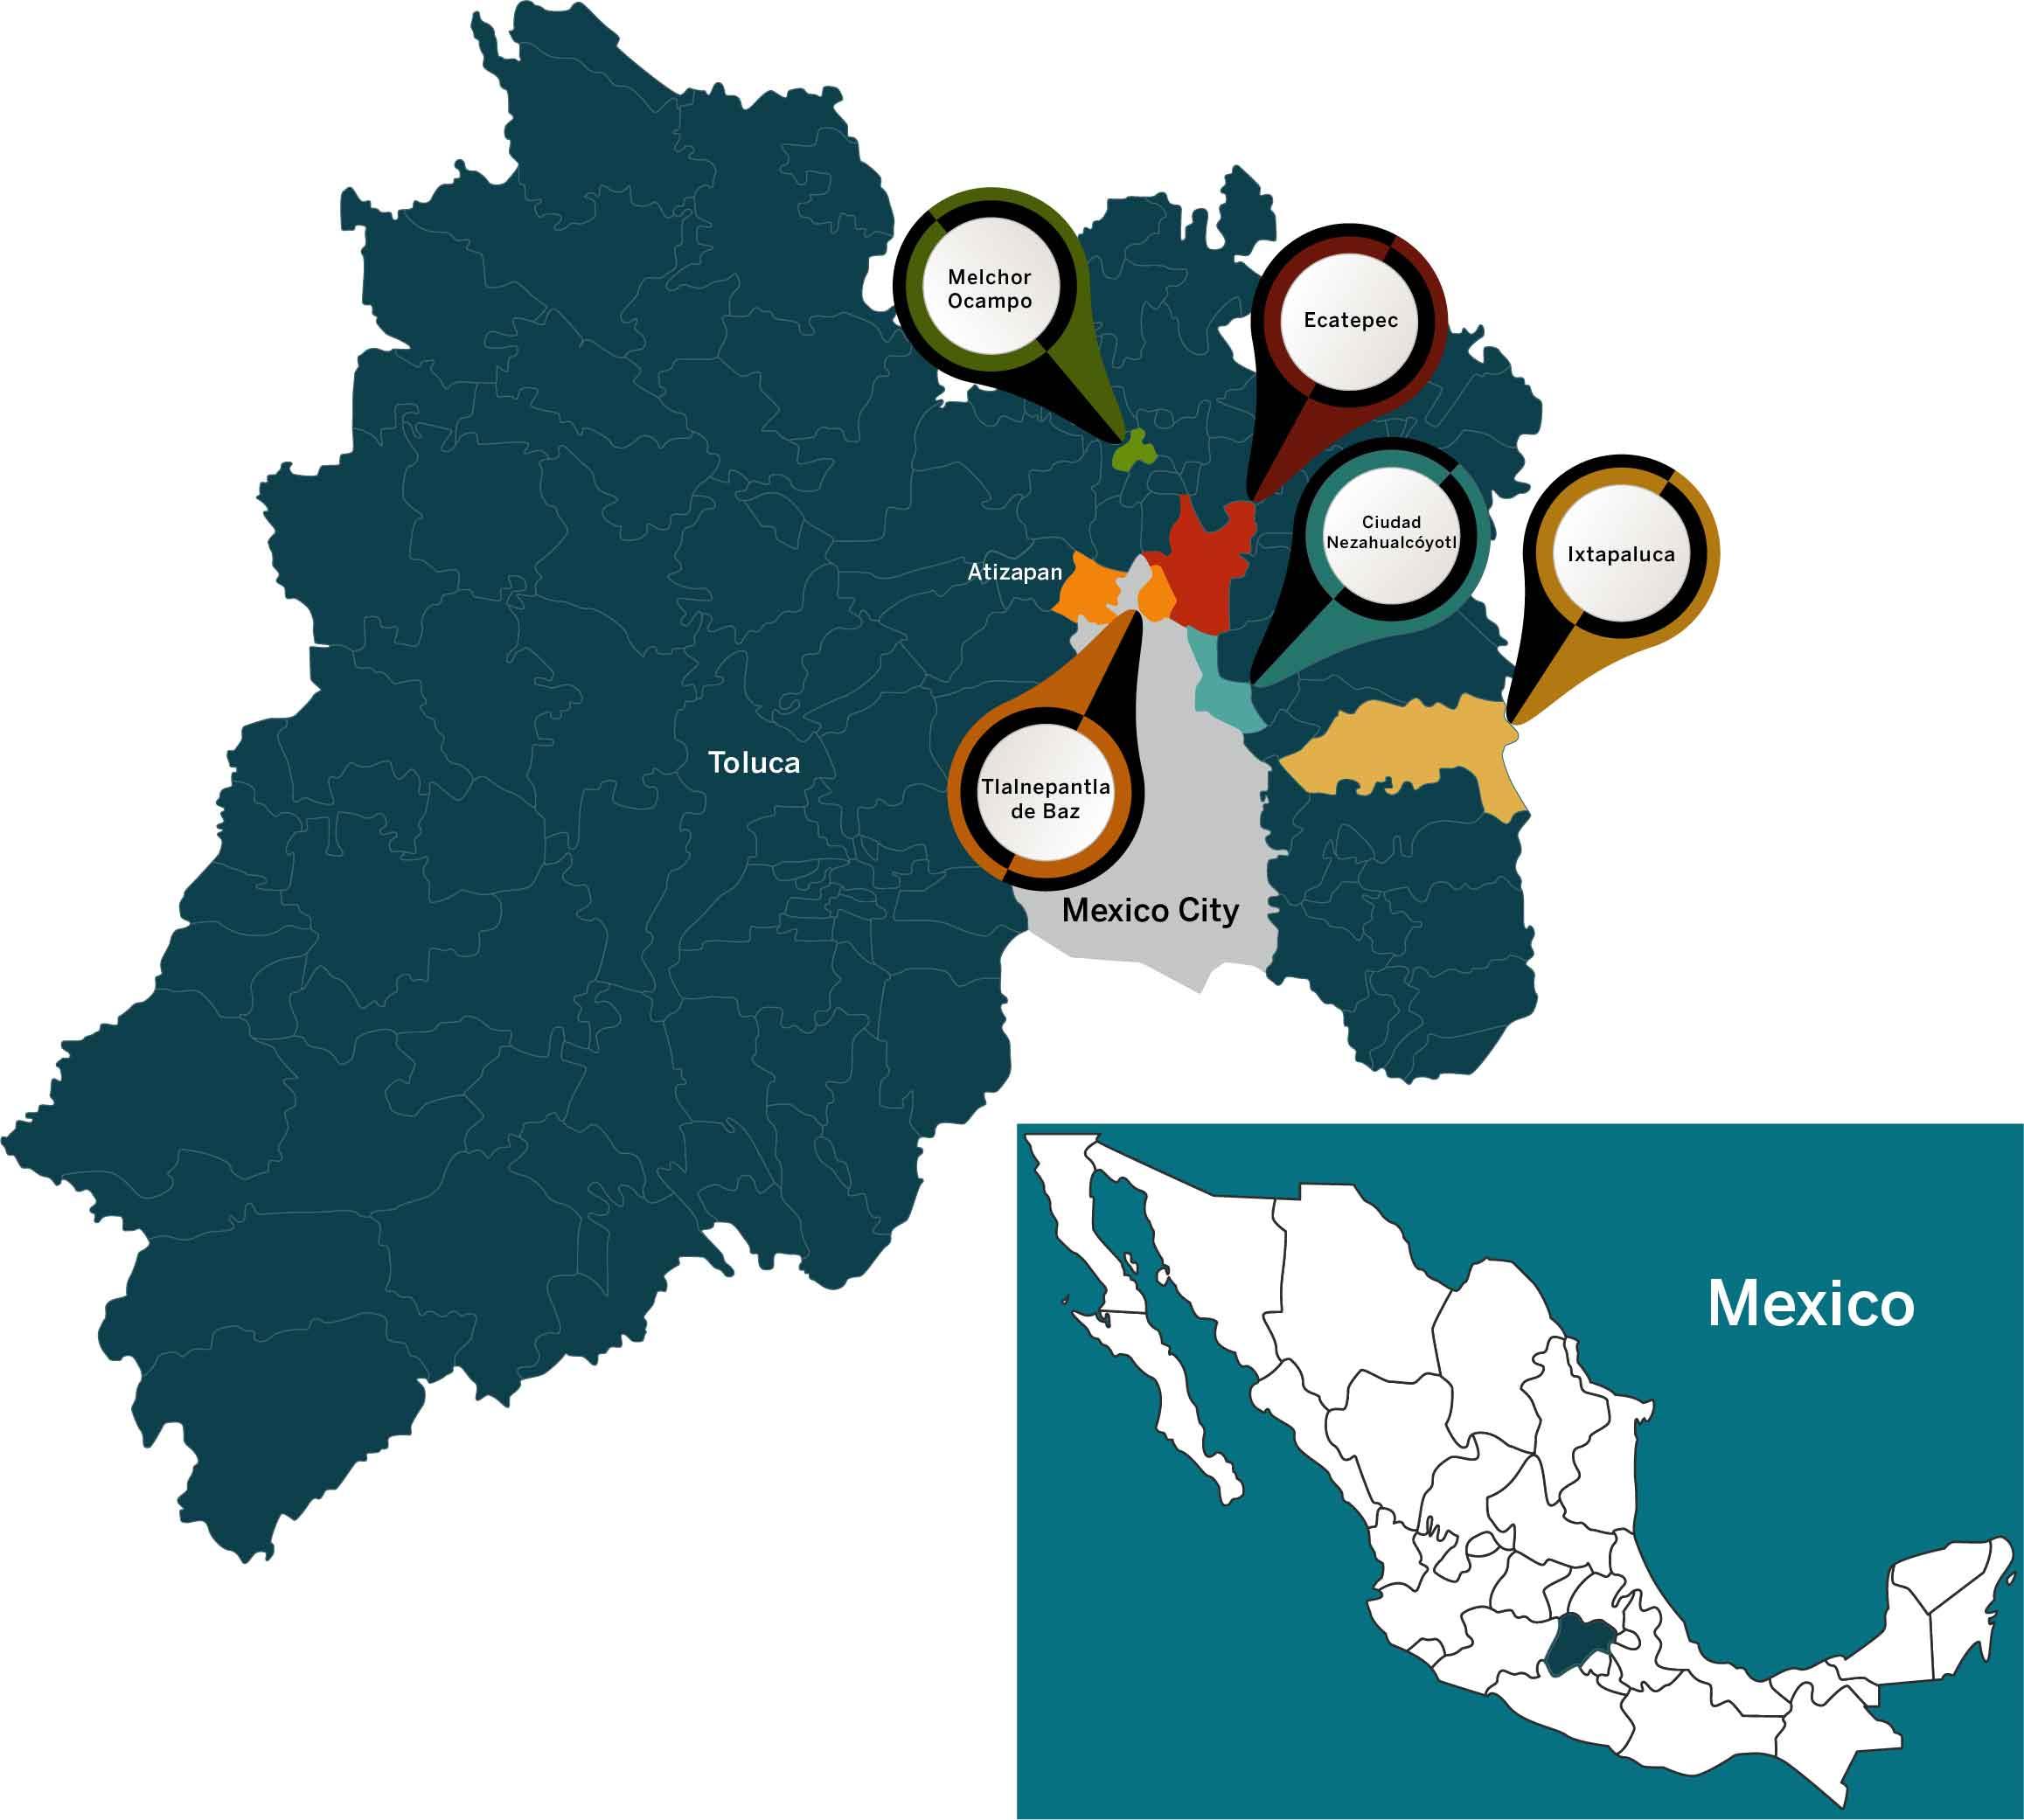 Los municipios conocidos como la 'periferia' de la Ciudad de México forman un extenso paisaje de casas autoconstruidas de bloques gris y varillas que tienen una relación entre favelas y suburbios en relación con la Ciudad de México. Si bien todo México sufrió la doble pandemia, la periferia rápidamente se convirtió en su epicentro.